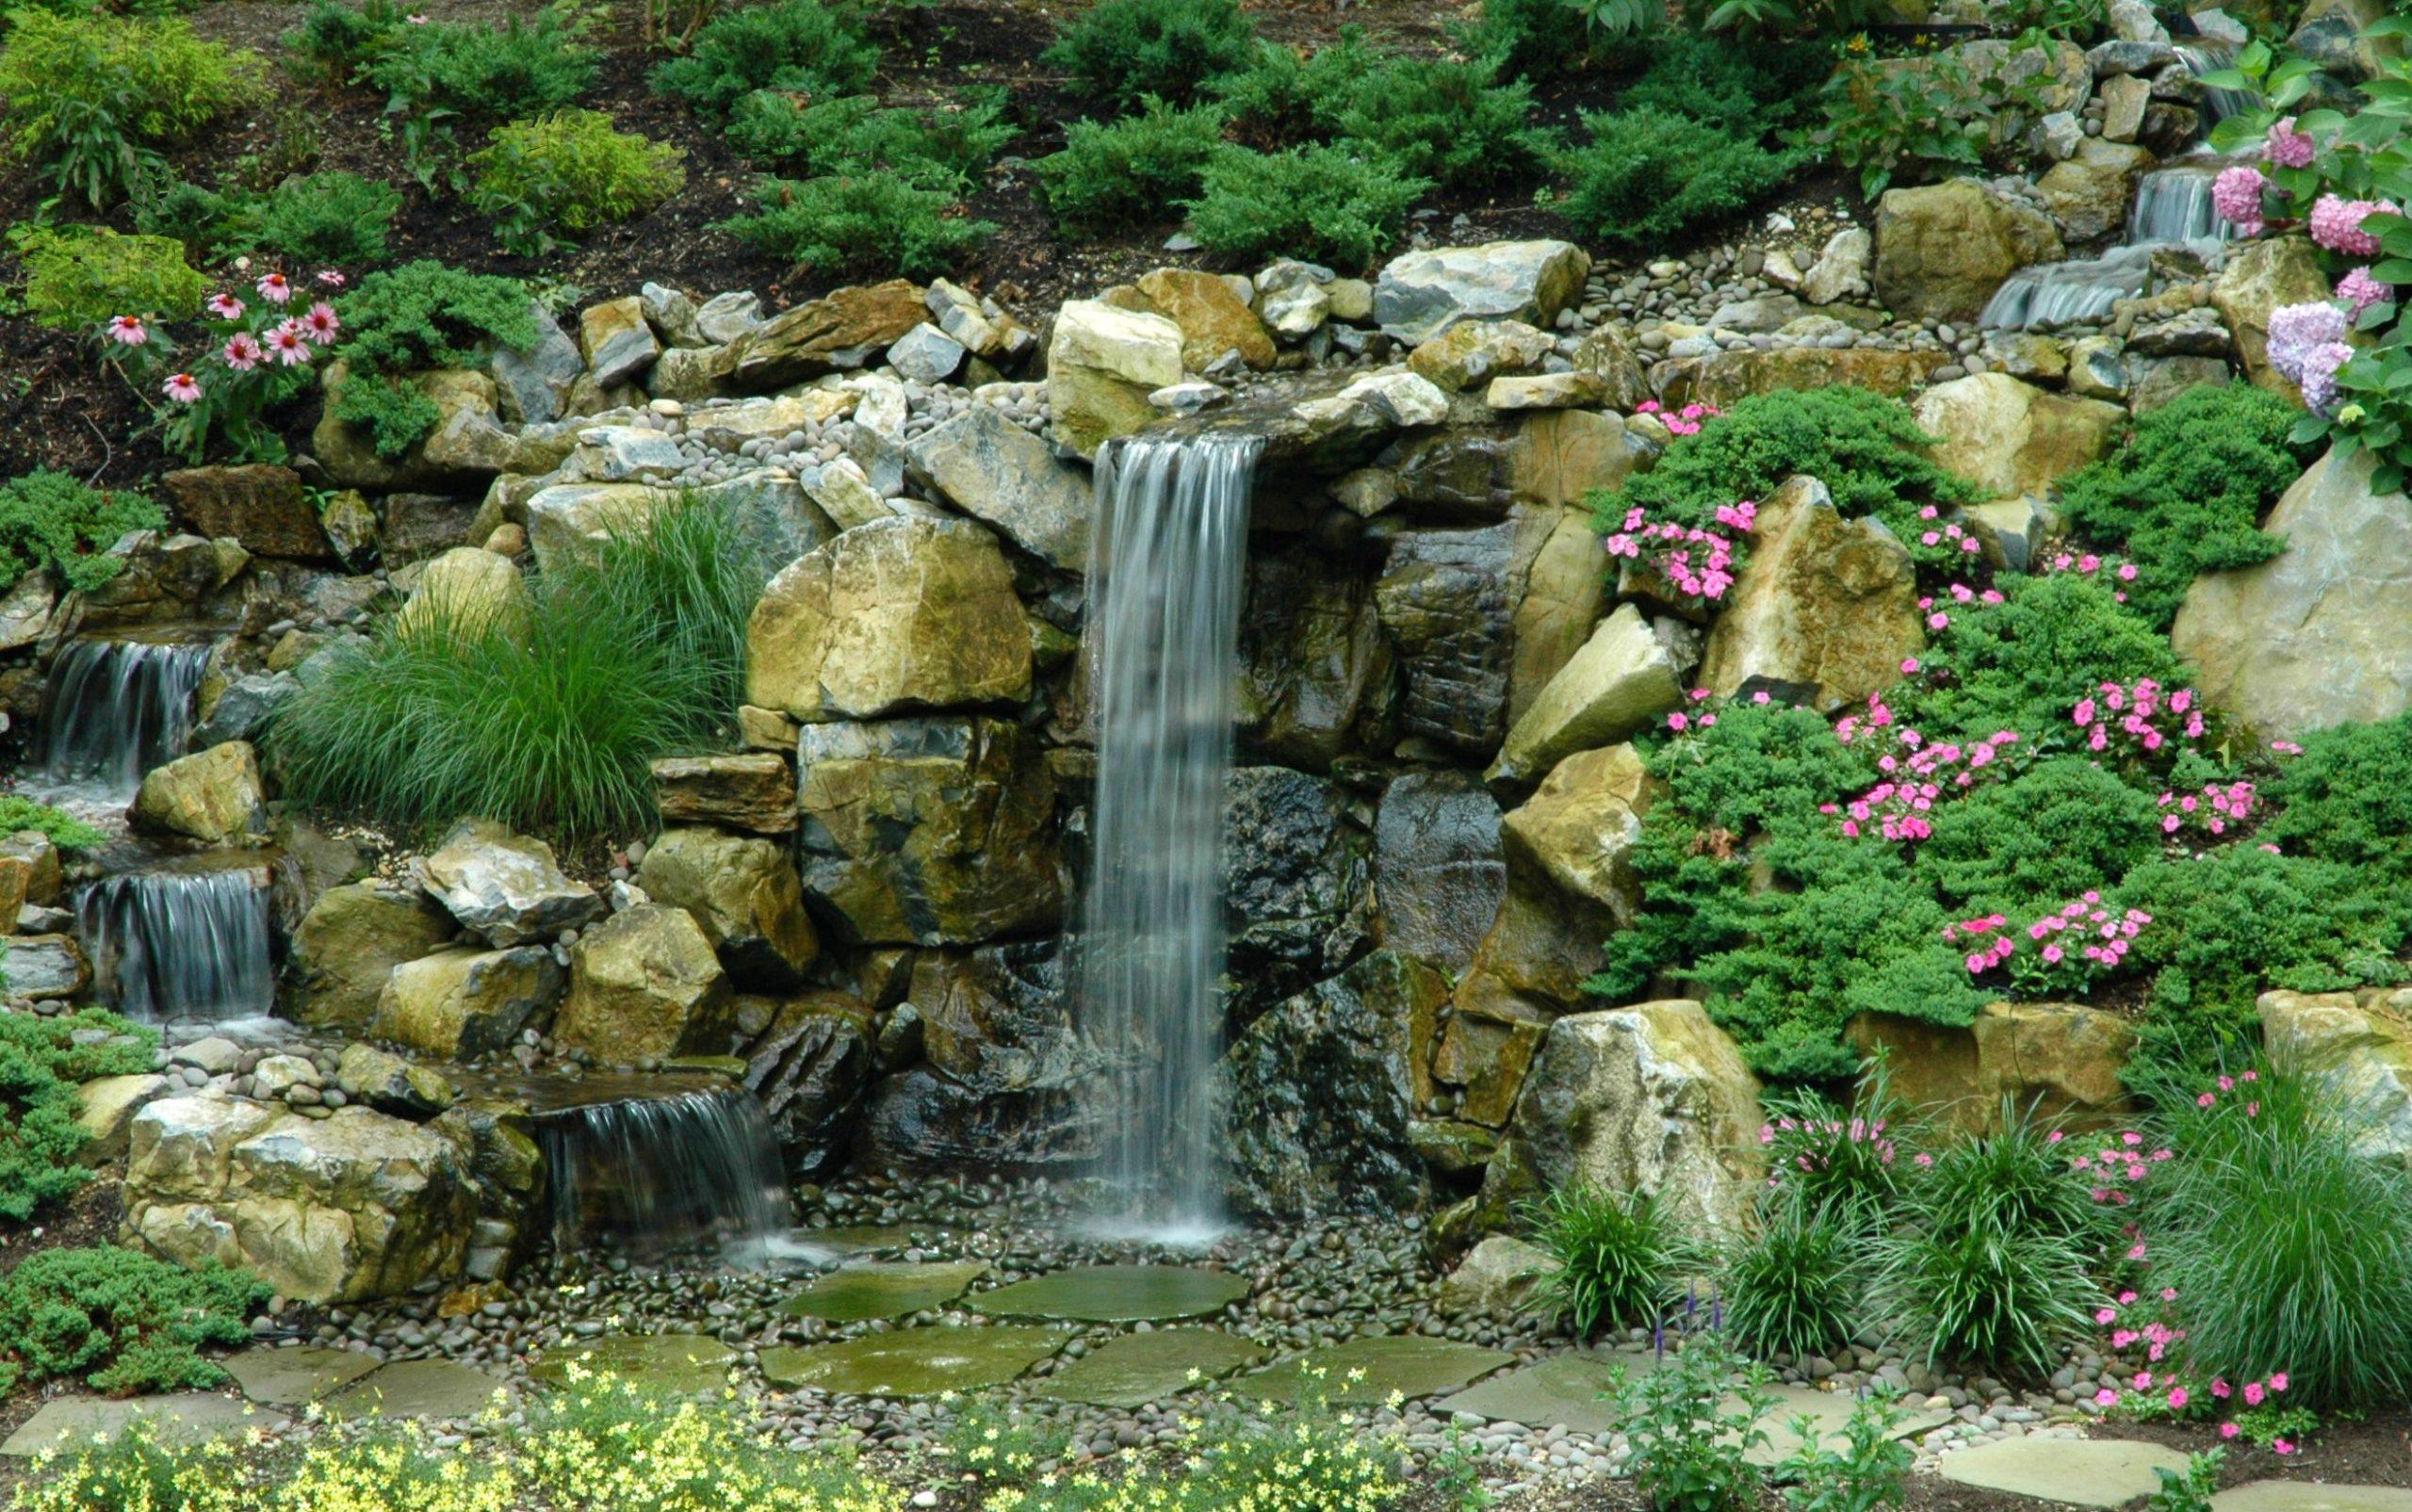 Backyard Upgrade: Adding the Drama of a Waterfall